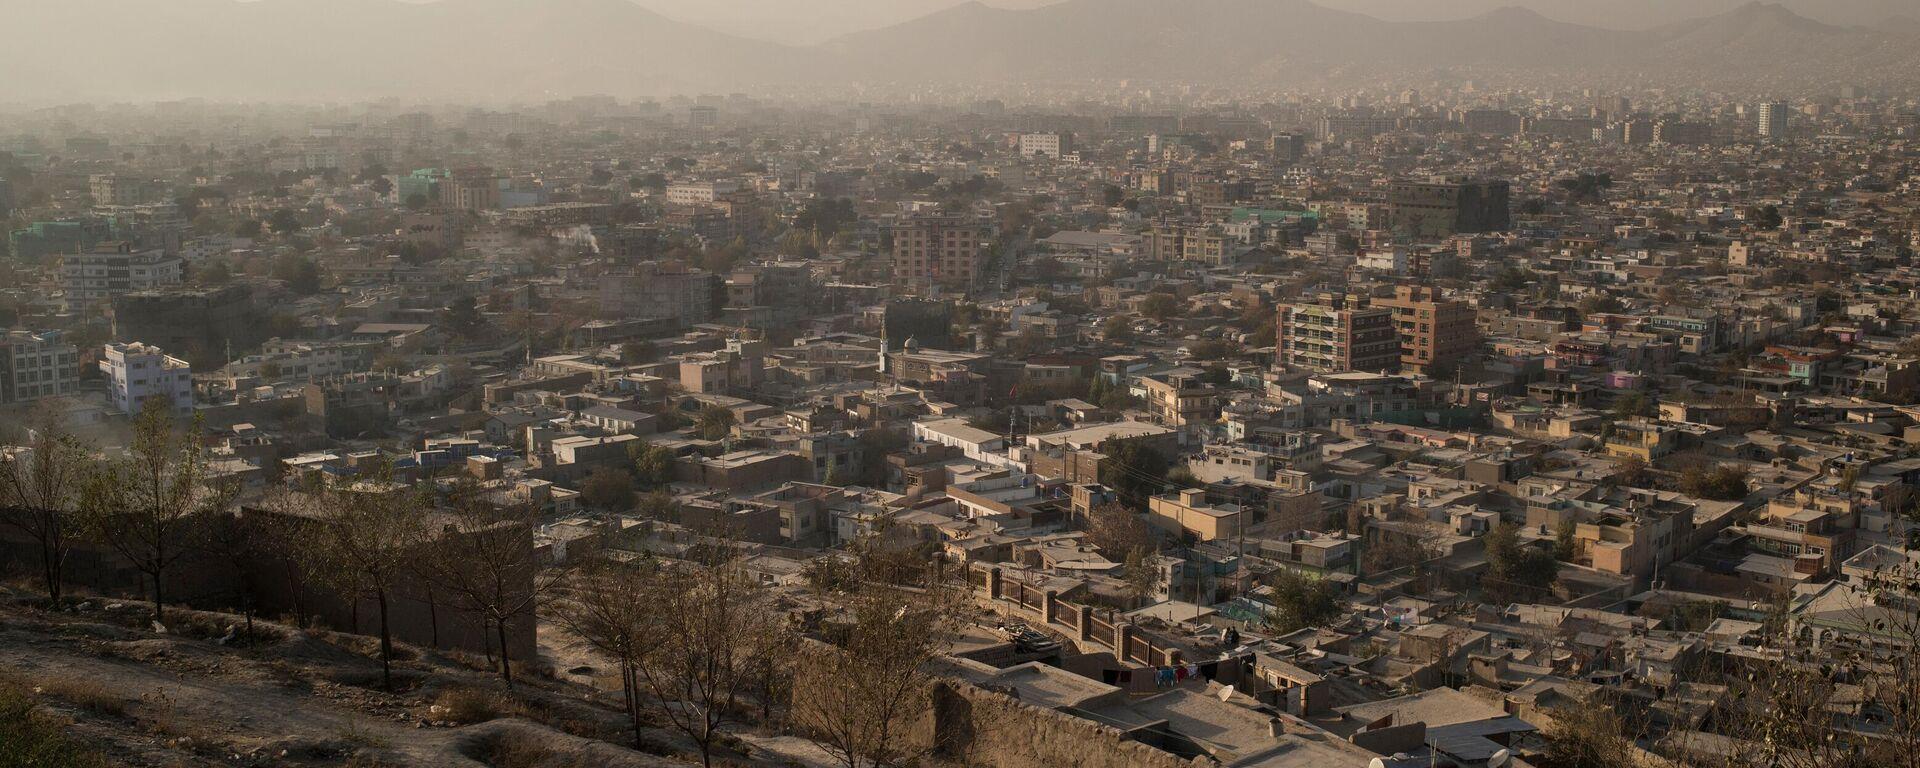 Pogled na Kabul u Avganistanu - Sputnik Srbija, 1920, 13.08.2021